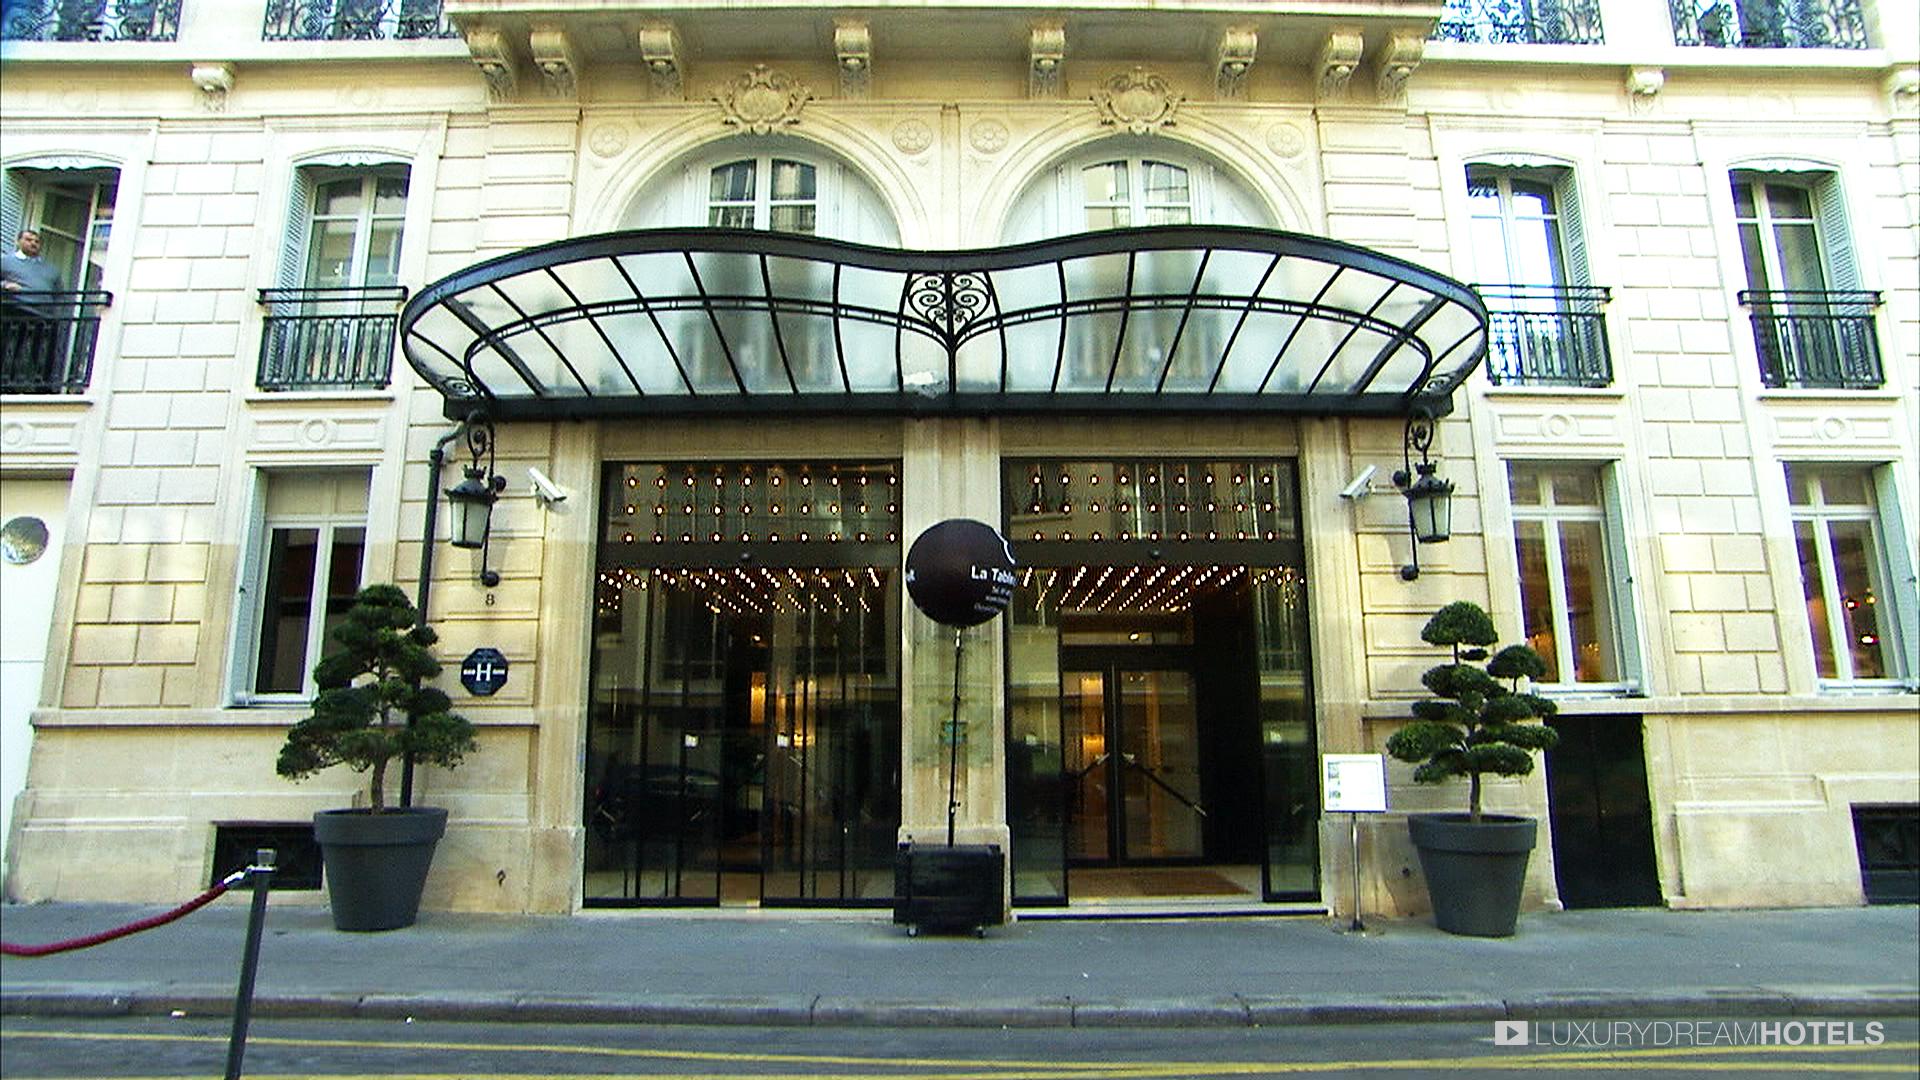 La maison champs elysees hotel la maison champs elysees - La maison champs elysees hotel ...